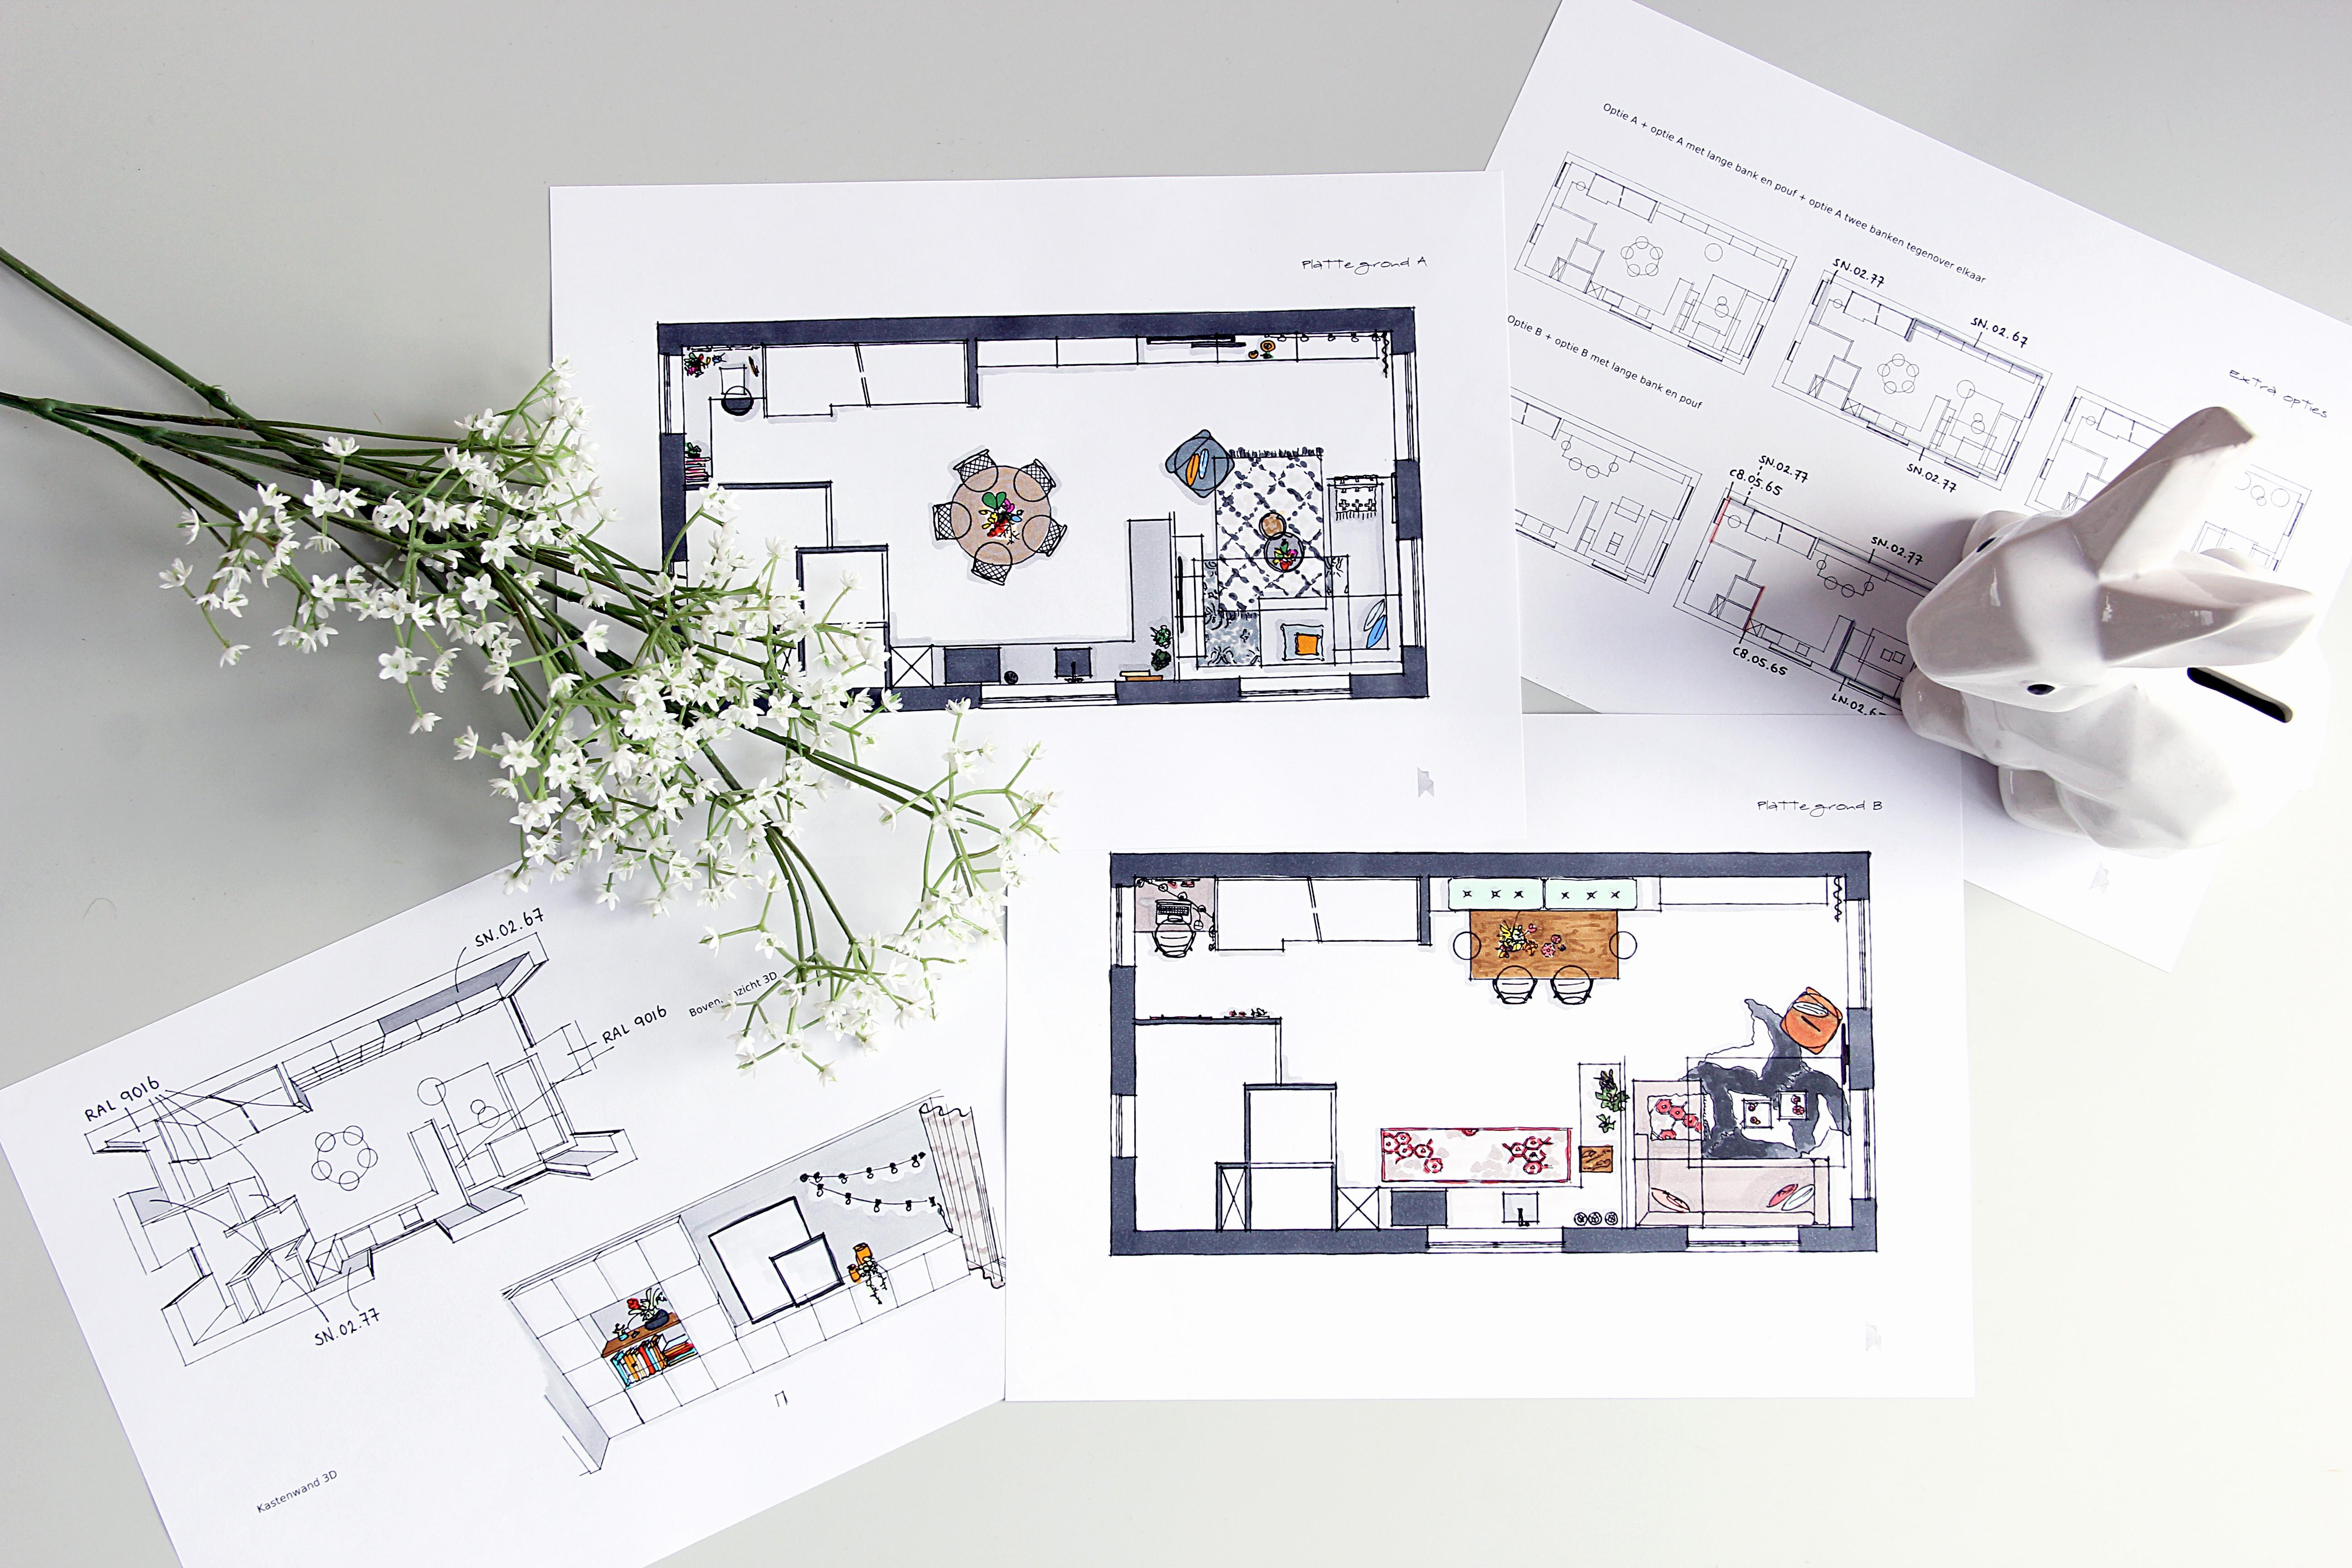 Nya interieurontwerp portfolio woonkamer en keuken pijnacker for Interieur ontwerper